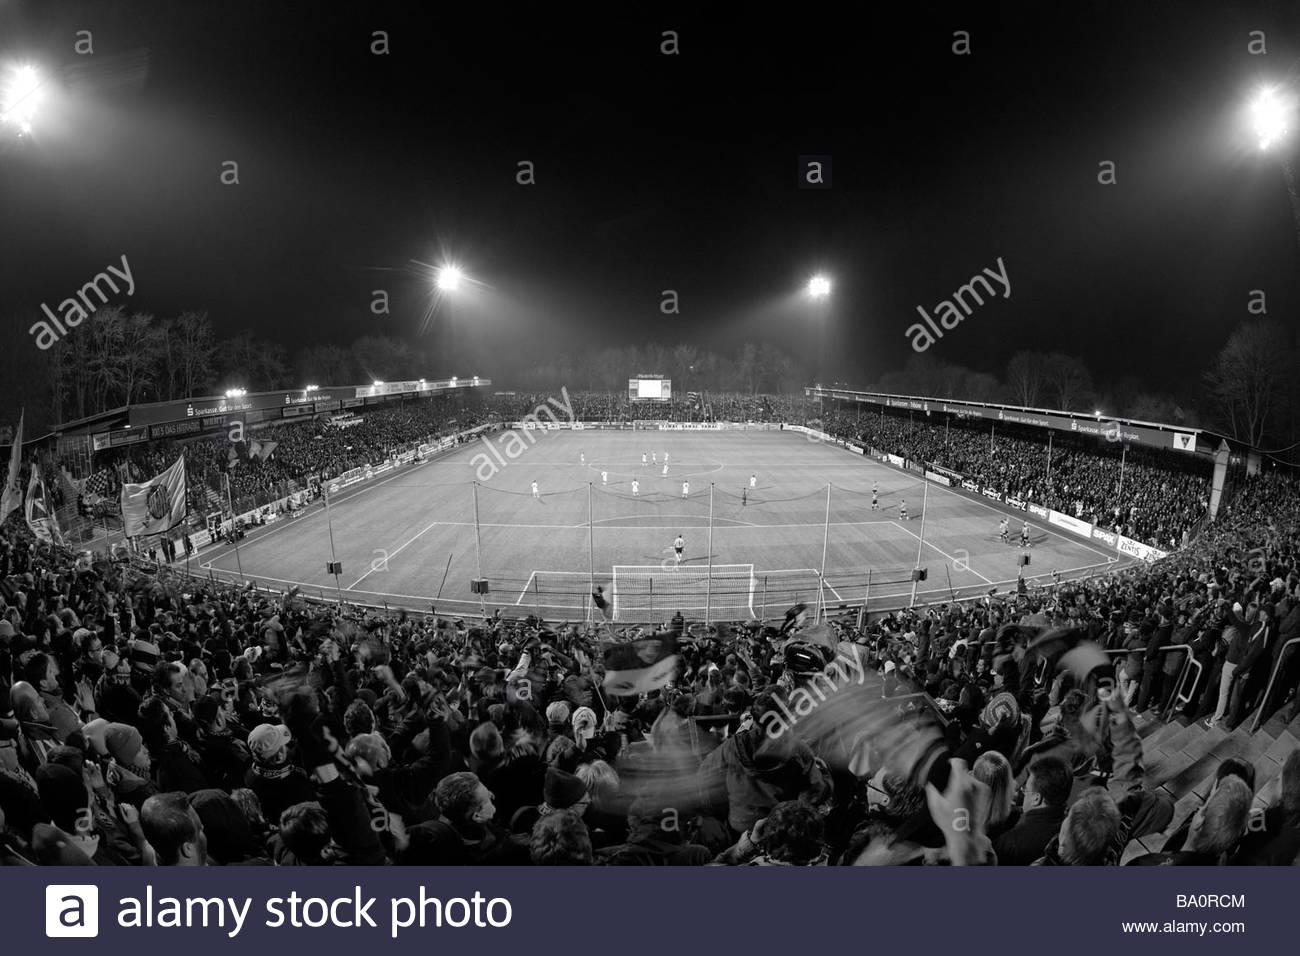 Tivoli football stadium Aachen Germany - Stock Image